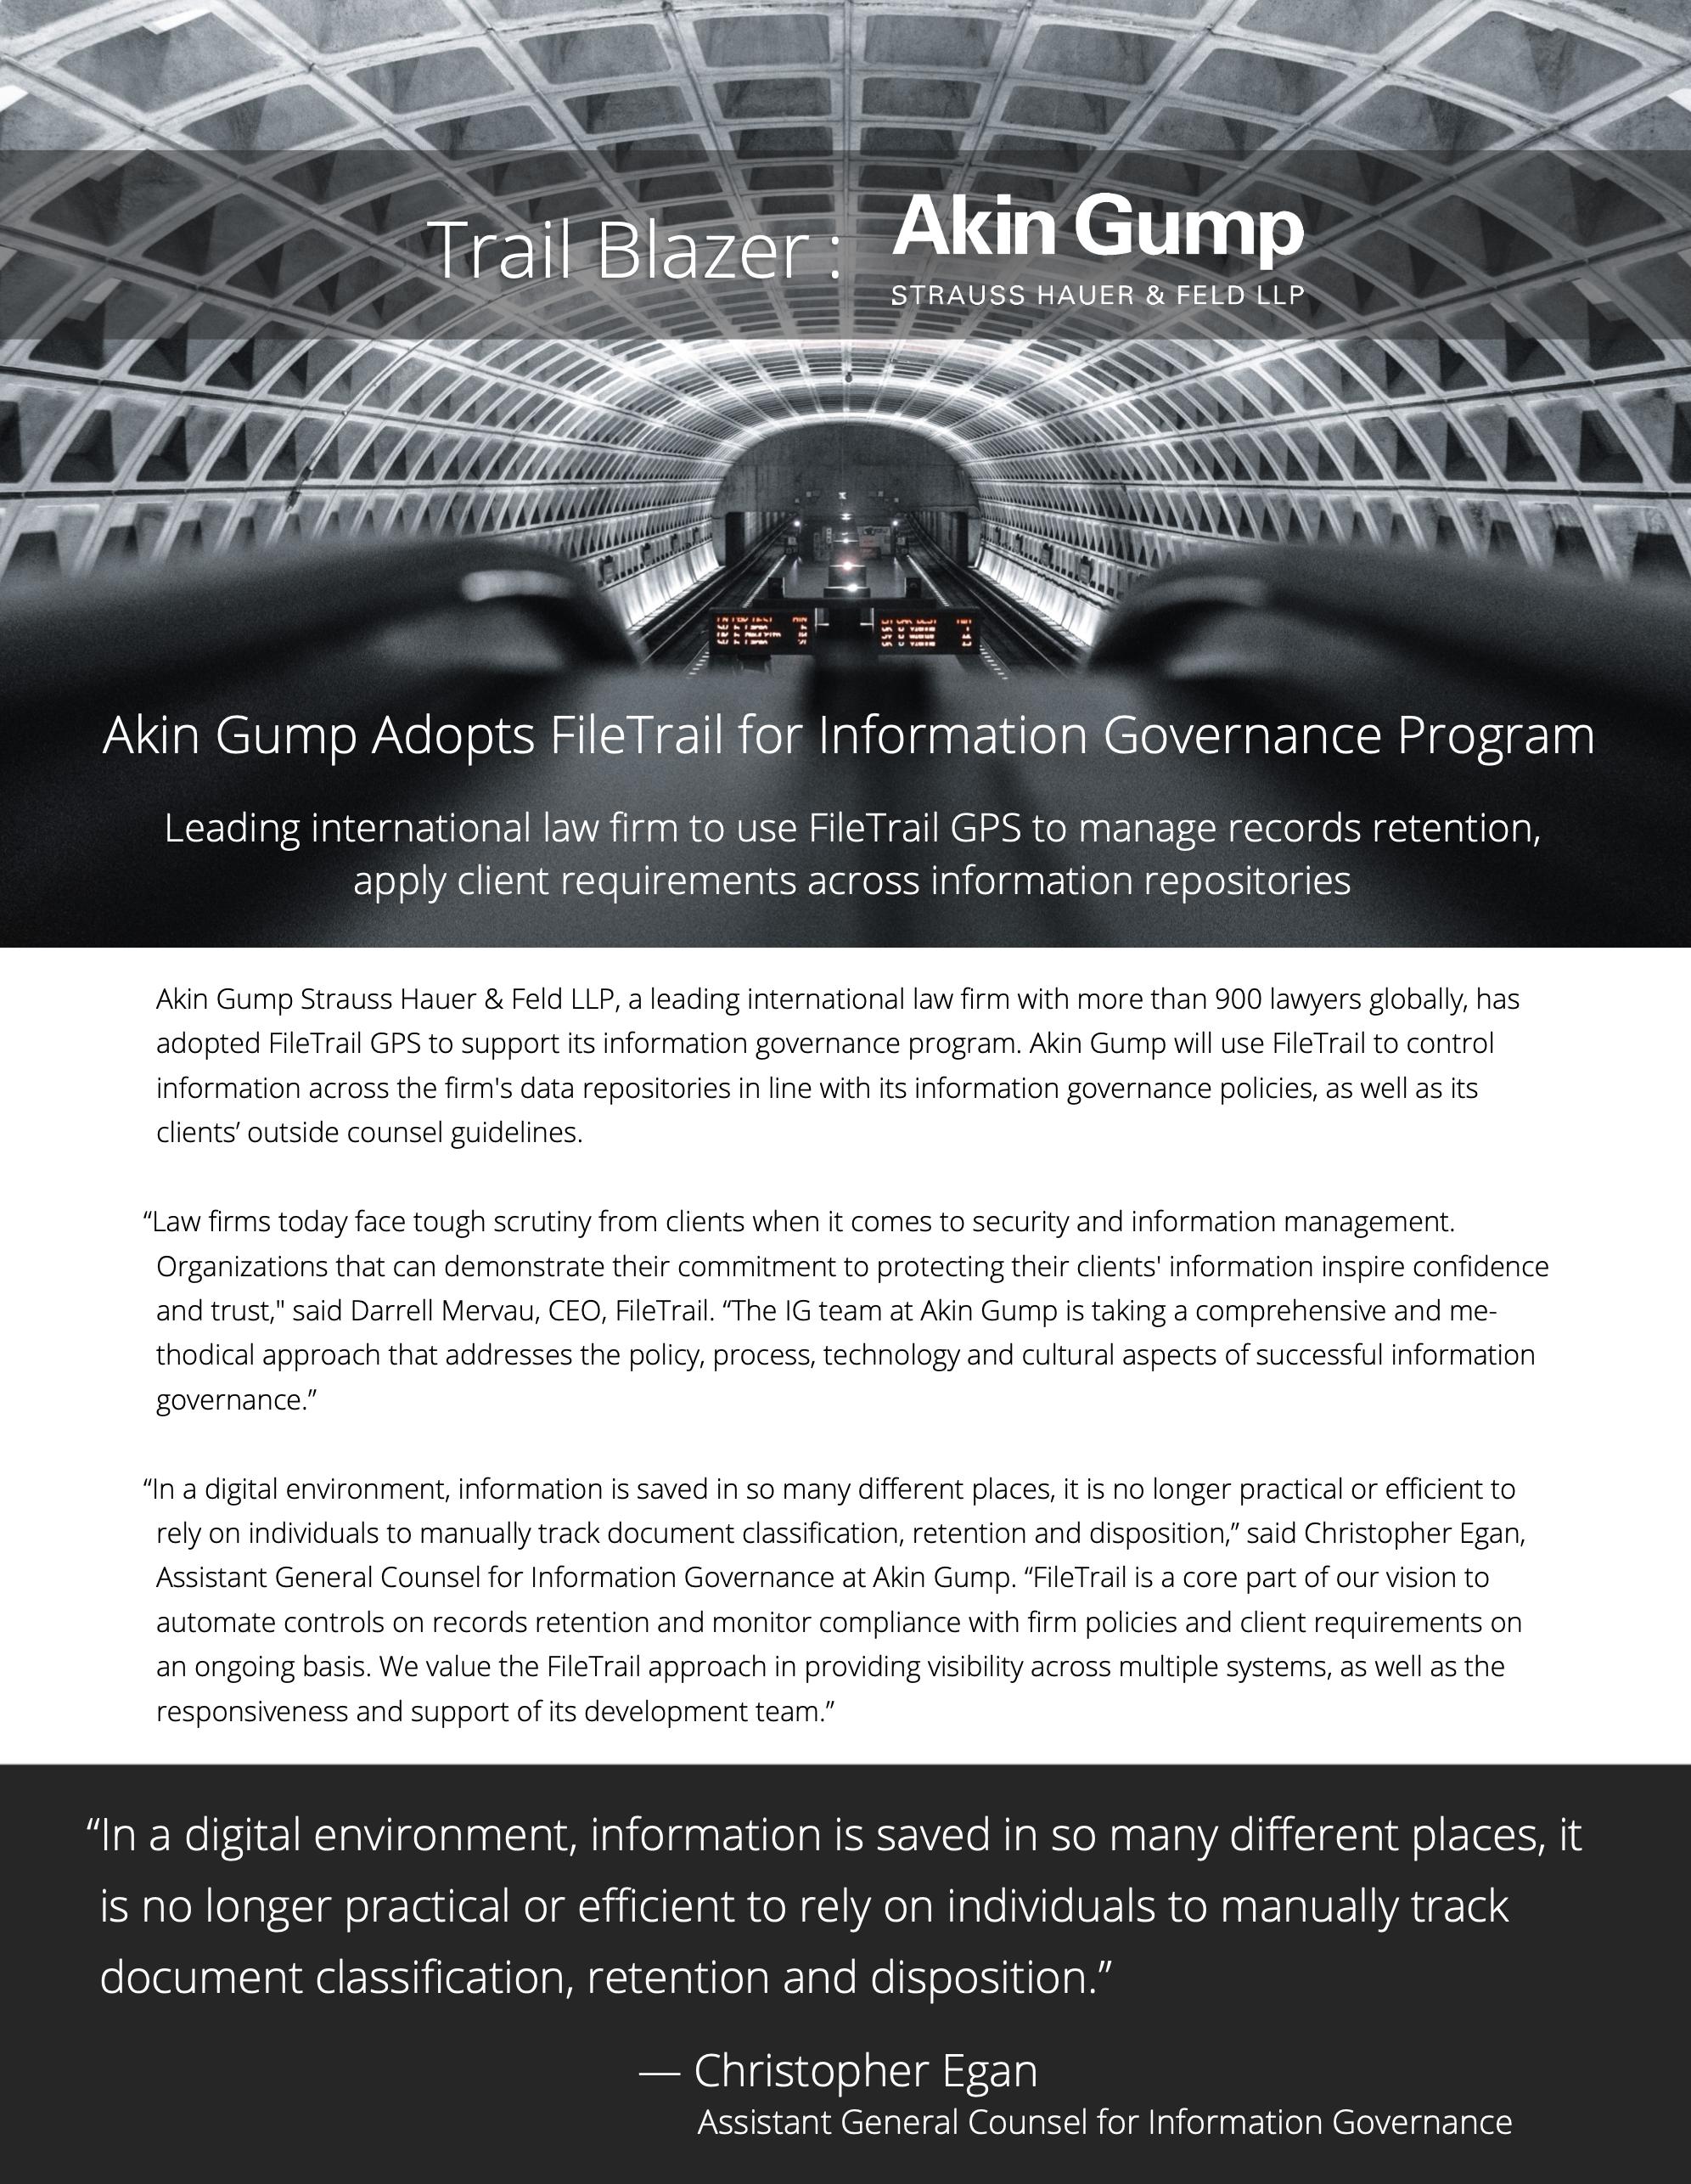 AKin Gump Information Governance Software